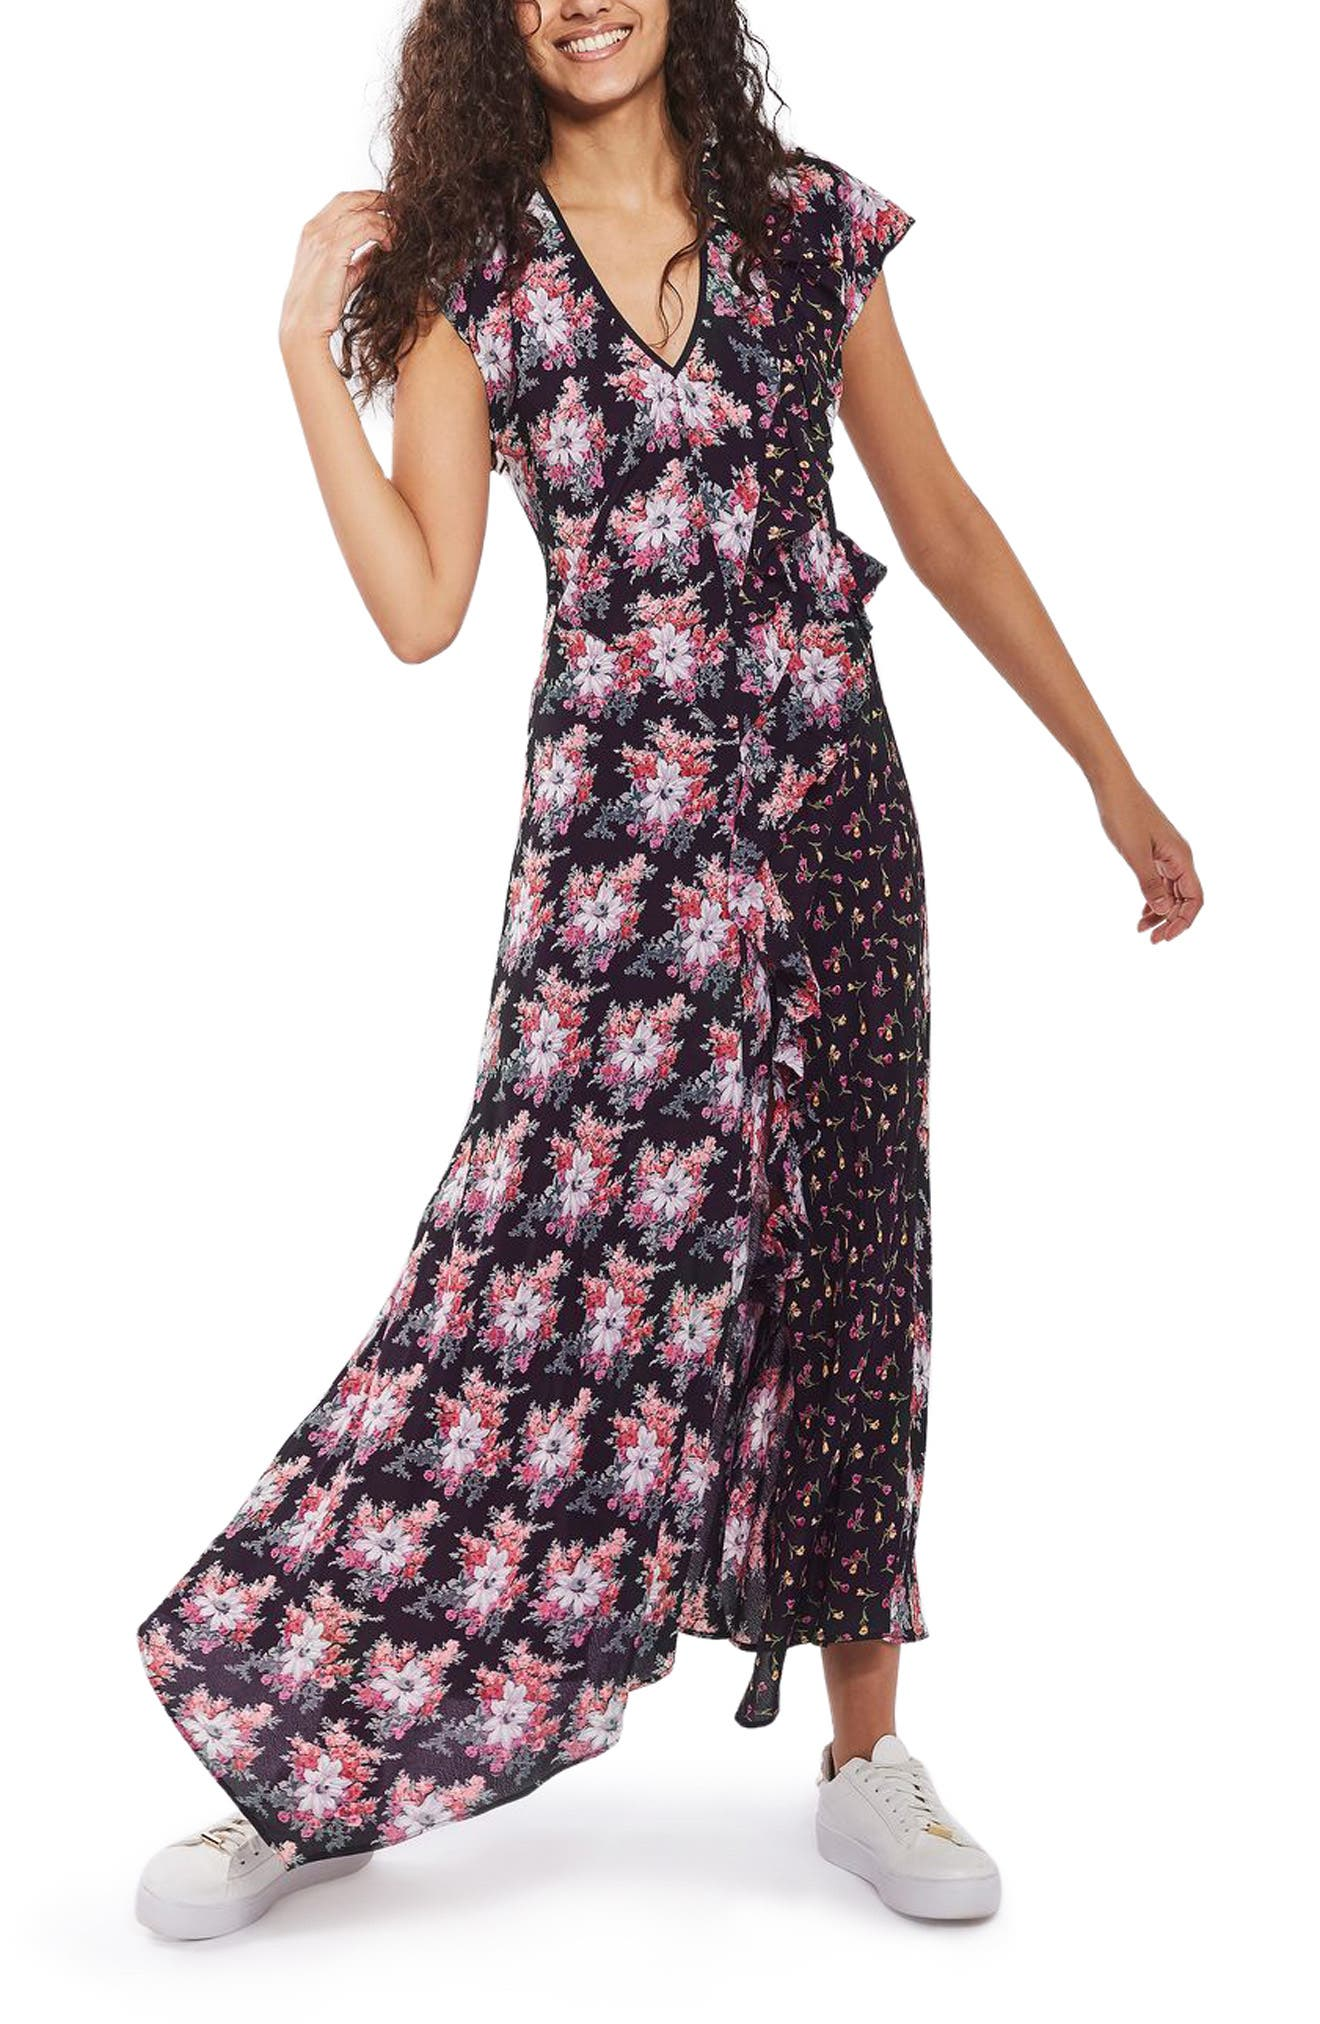 Topshop Splice D-Ring Floral Maxi Dress